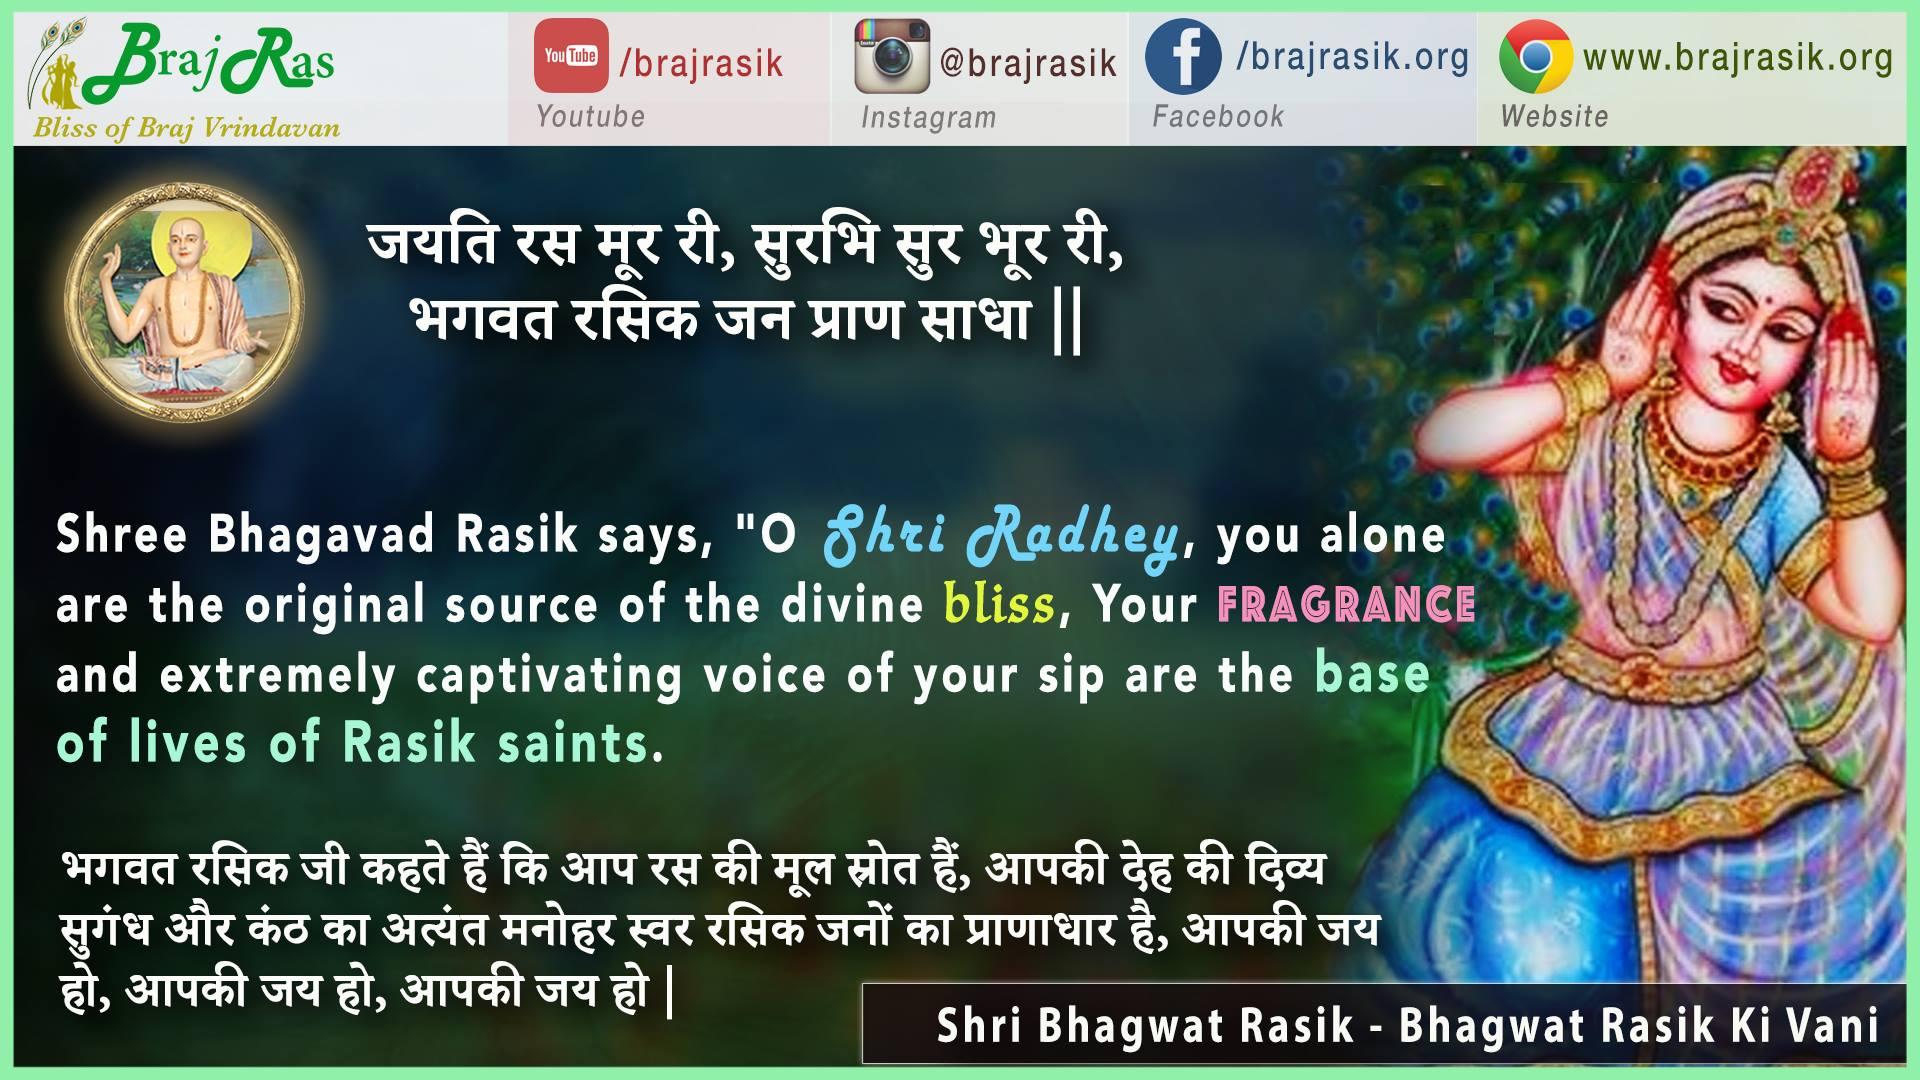 Jayati Ras Moor Ri - Shri Bhagwat Rasik, Bhagwat Rasik Ki Vani